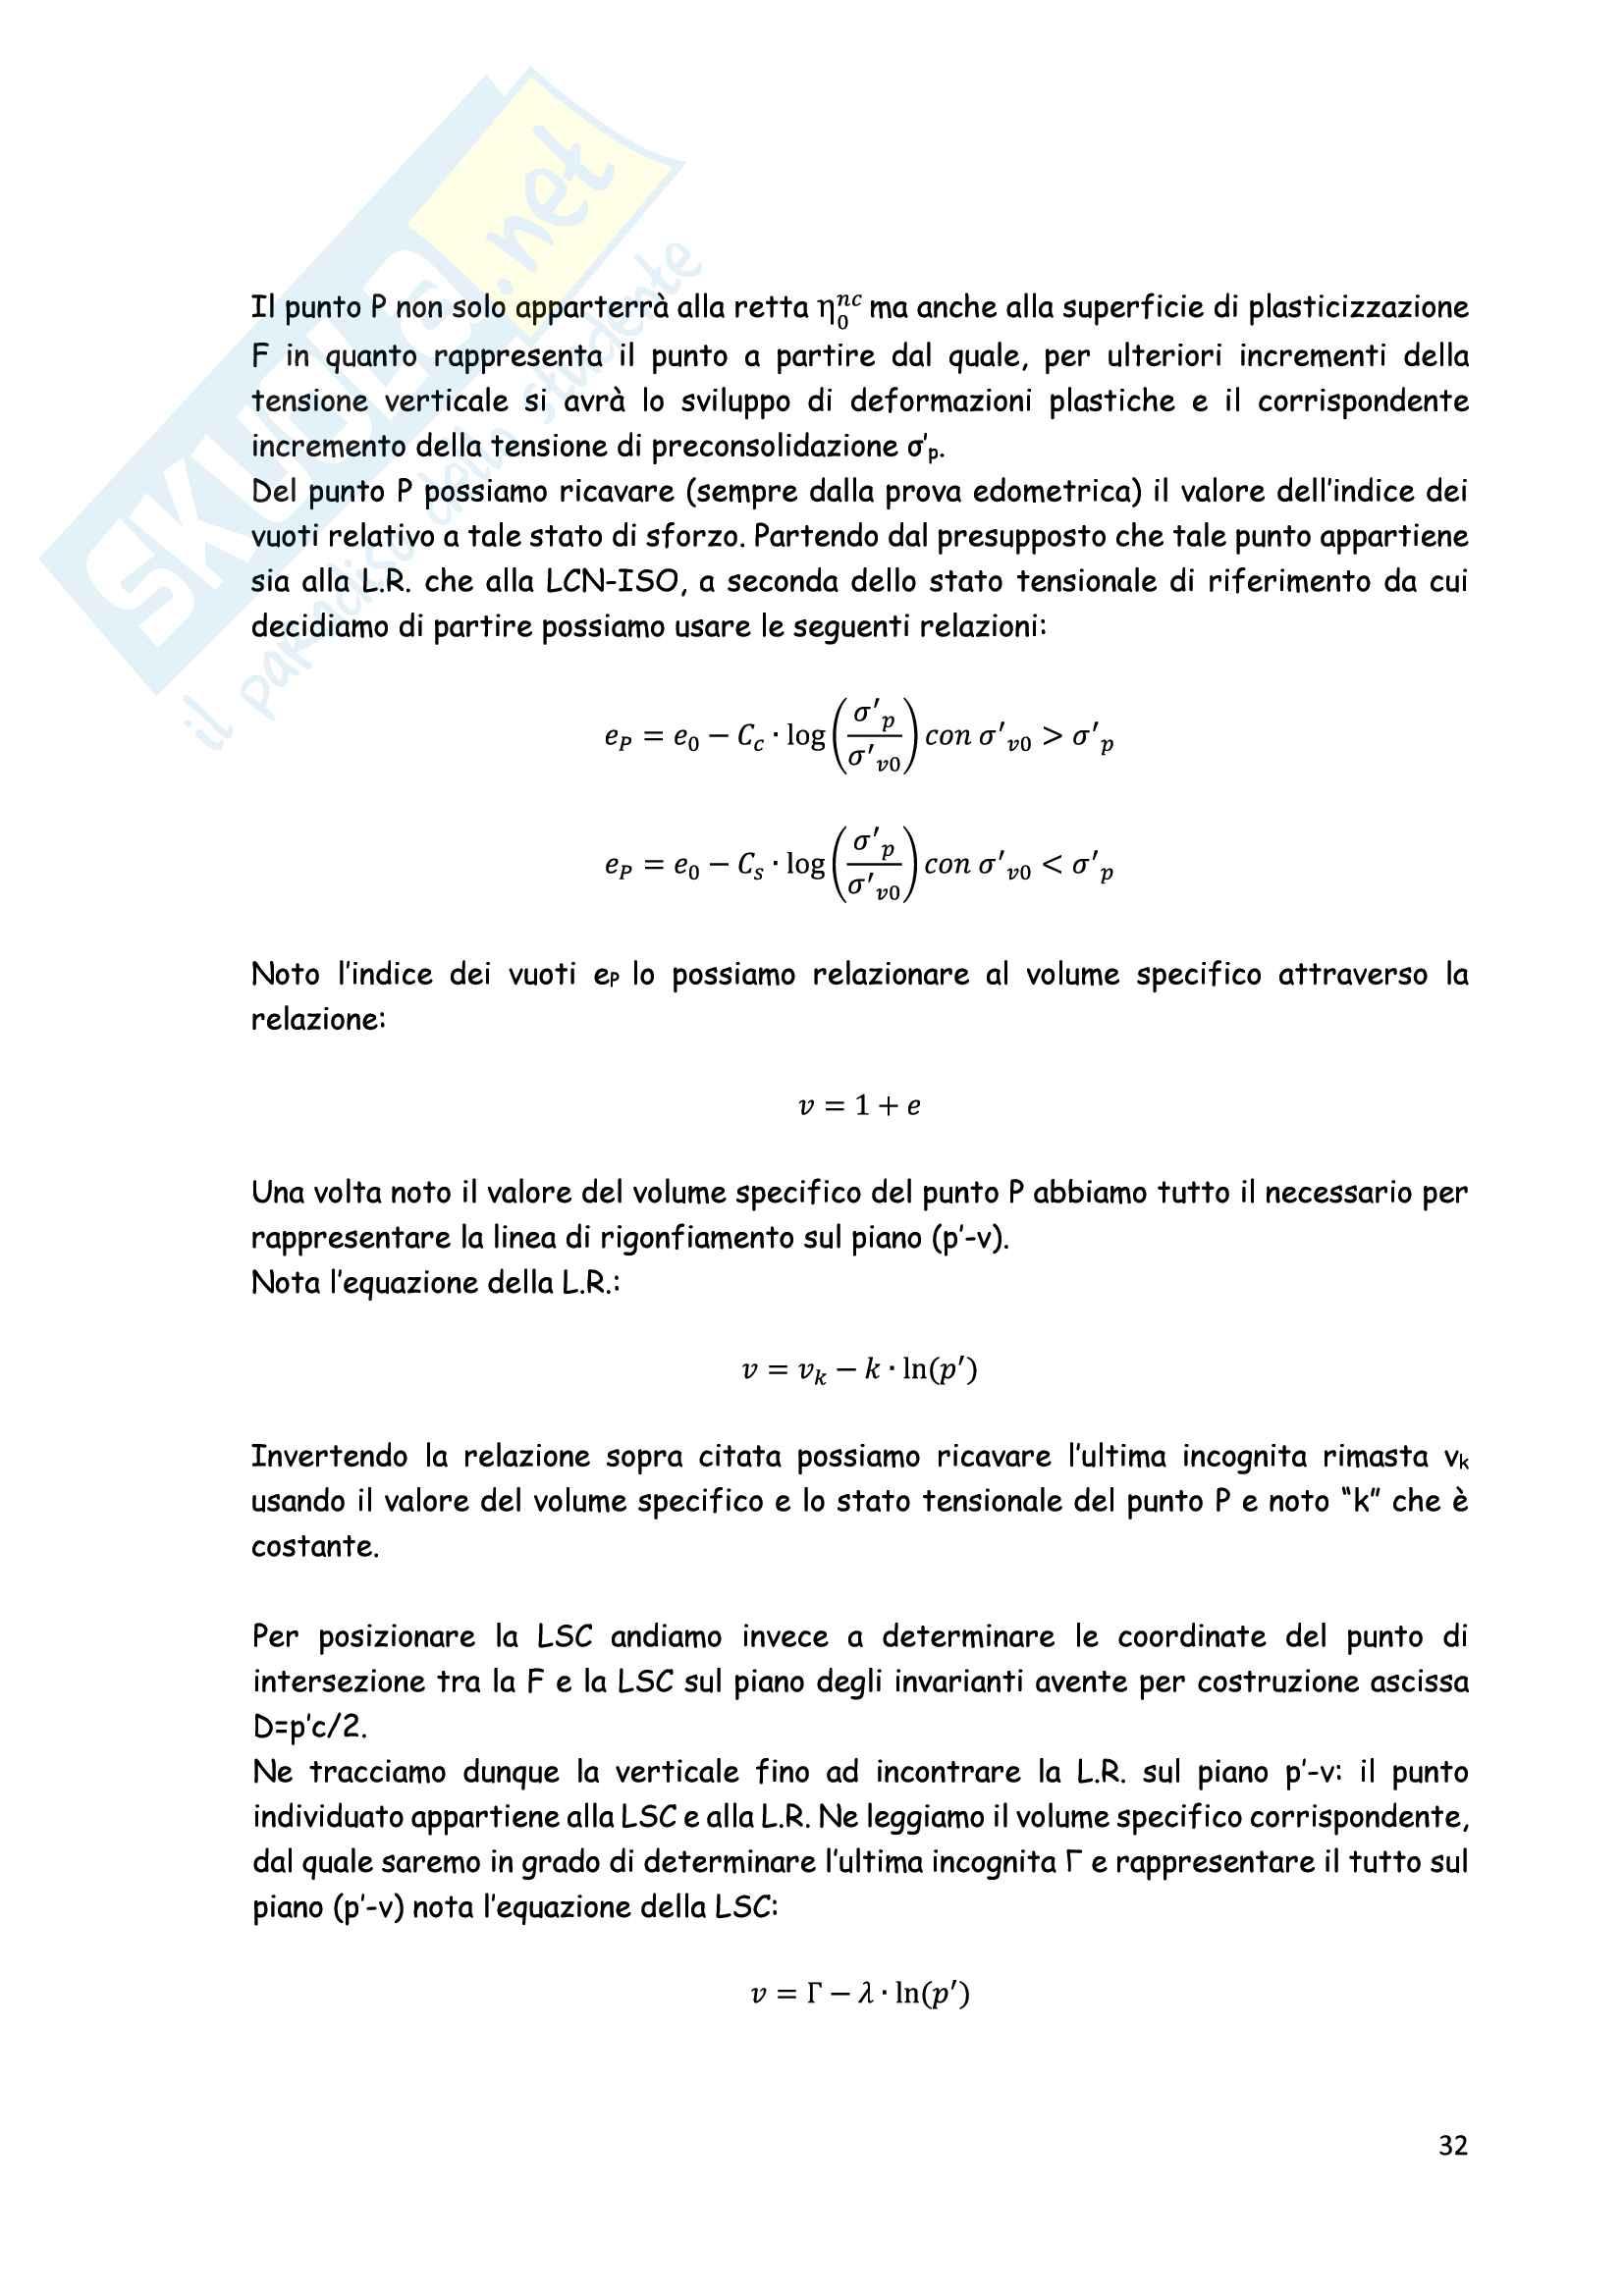 Esercitazioni: Elaborazioni Prove di Laboratorio e modellazione costitutiva in Flac Pag. 31